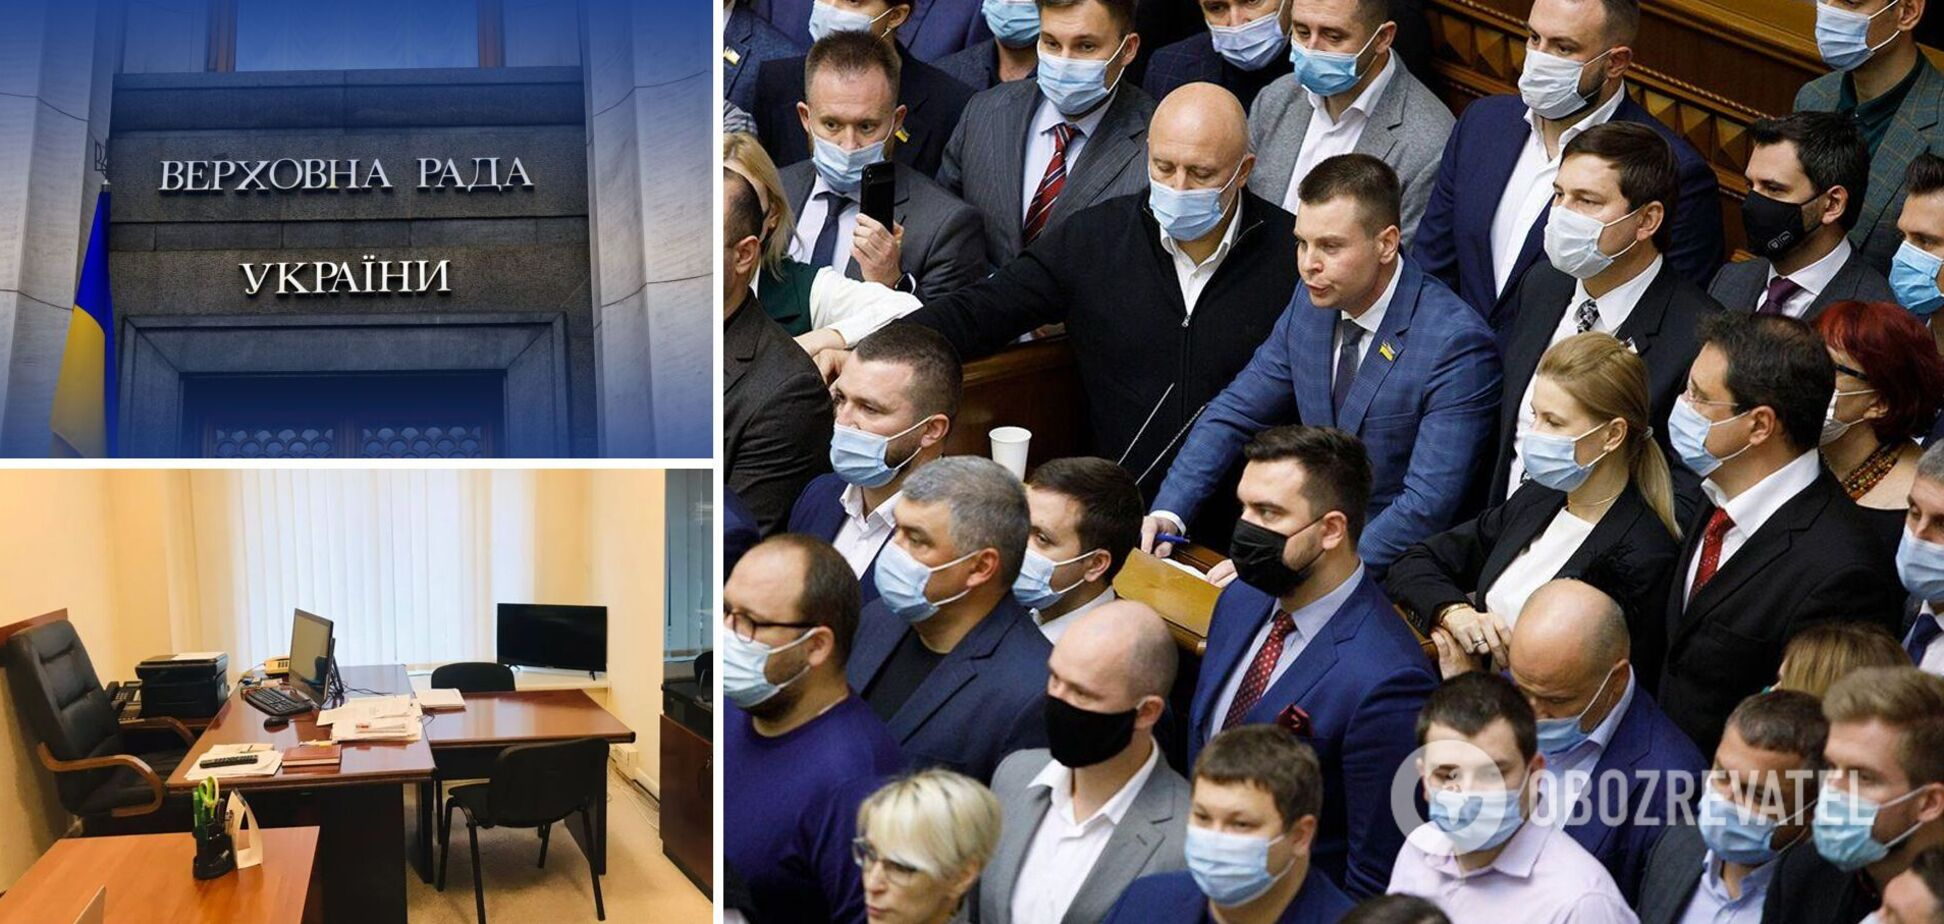 Незручний зал, багато зустрічей і брехні: депутати поскаржилися на труднощі роботи в Раді